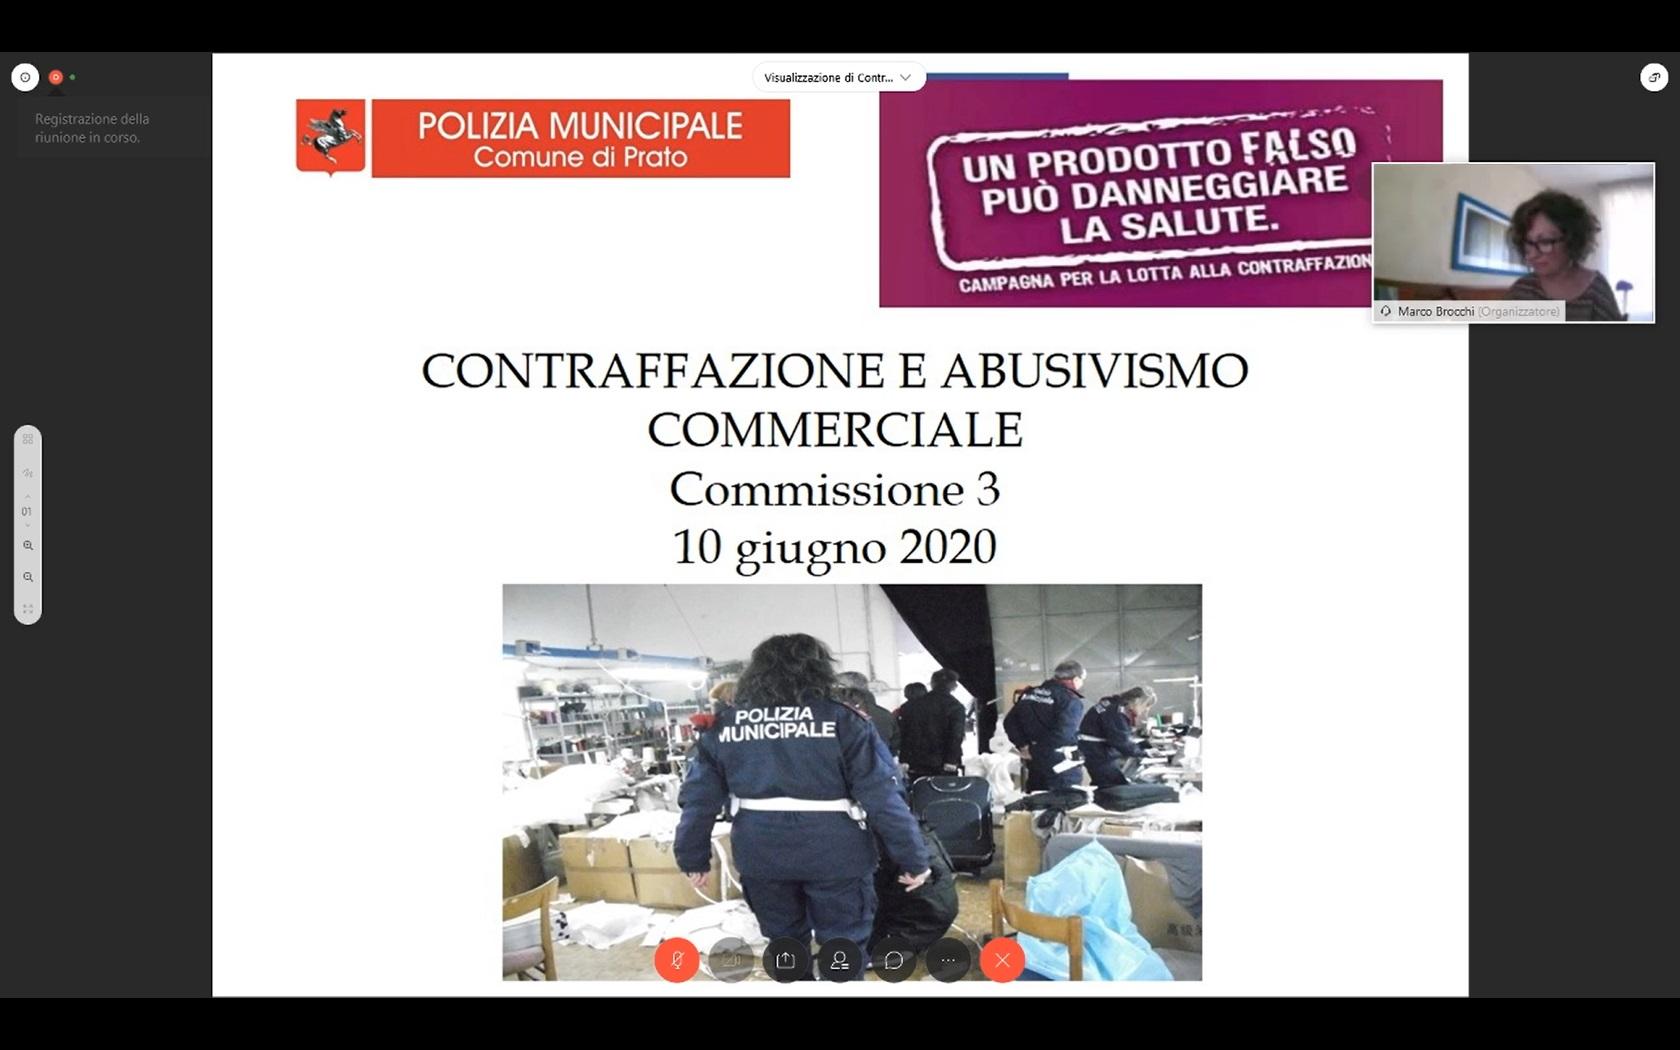 Commissione consiliare 5 del 8 giugno 2020 ore 17:00